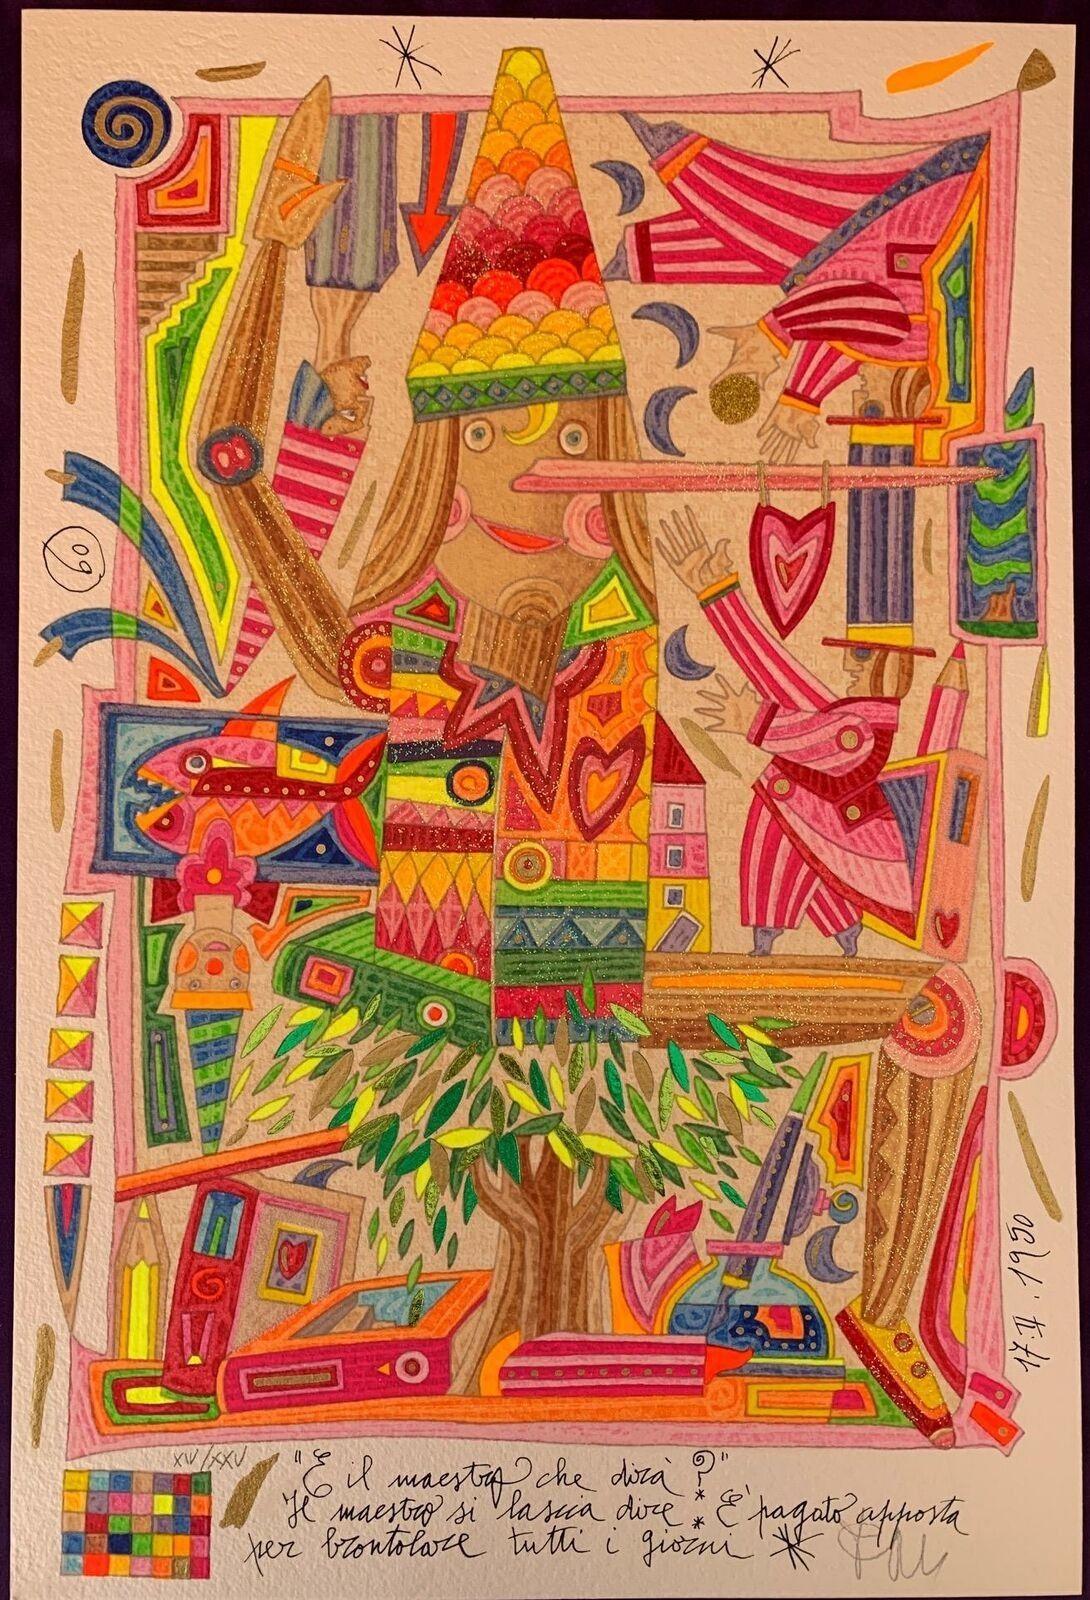 """GRAFICA FRANCESCO MUSANTE """" PINOCCHIO""""  dimensioni L 50 x H 70 cm."""